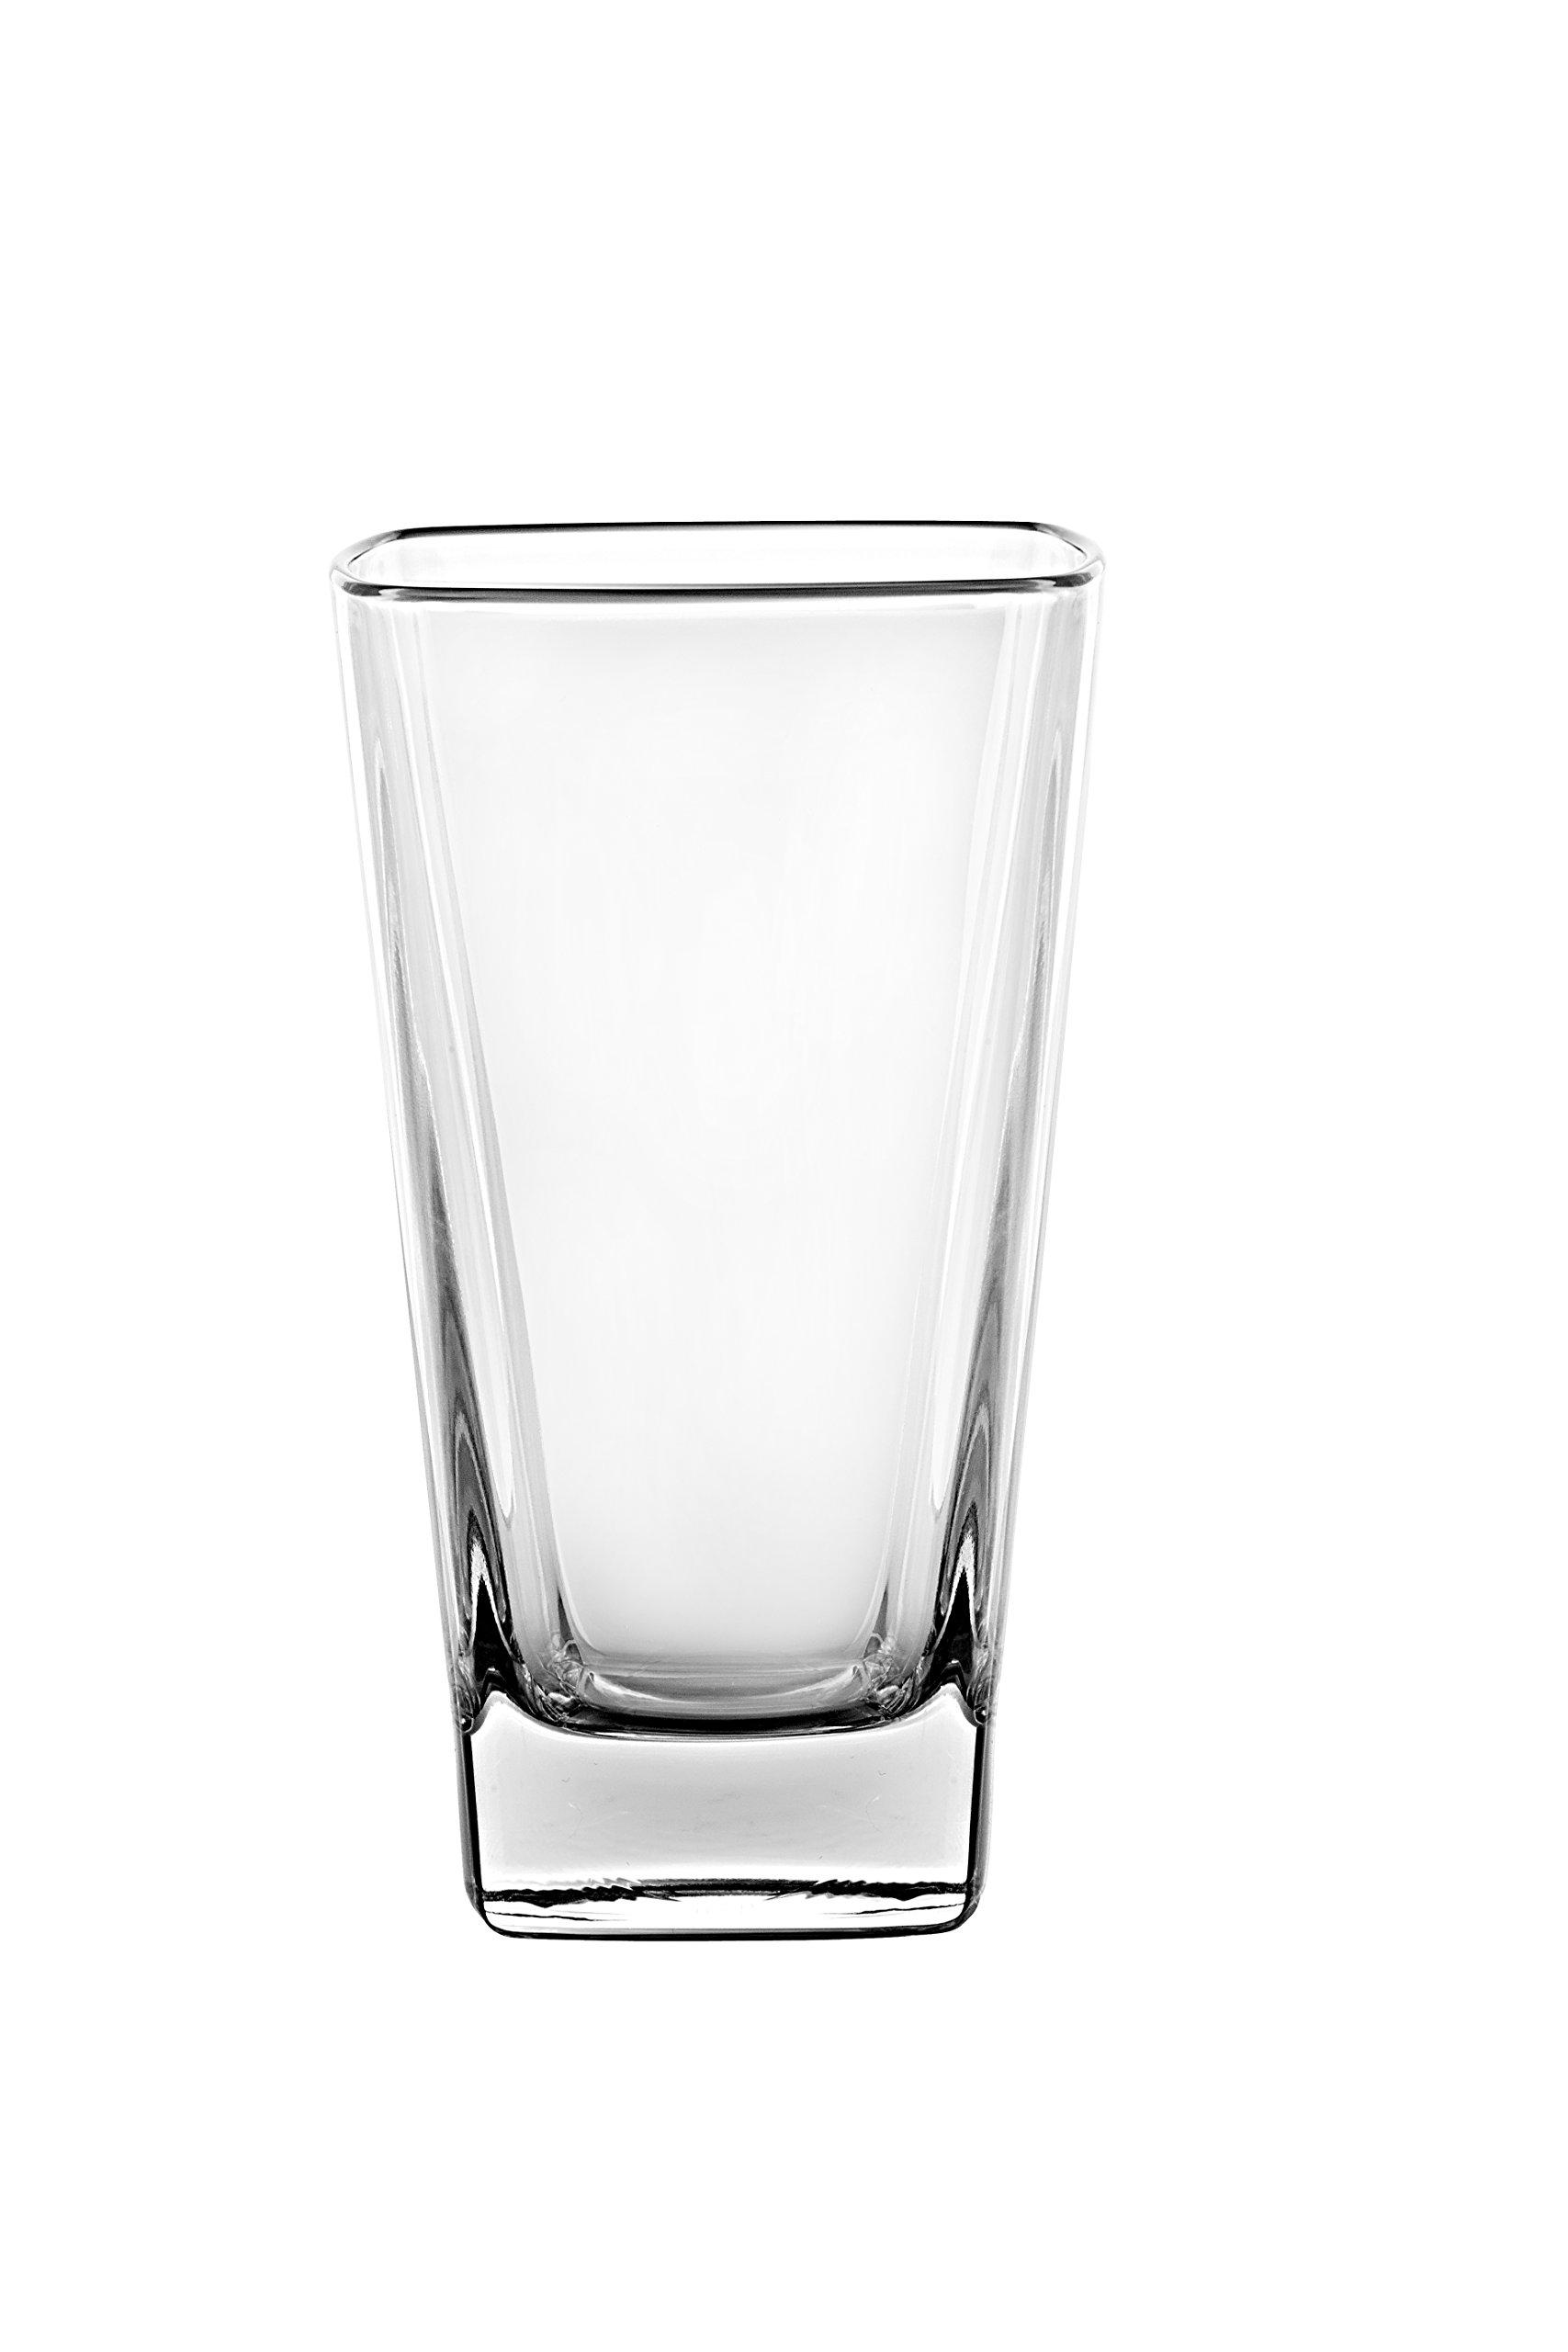 Barski - European Glass - Hiball Tumbler- Square - 13.5 oz. - Set of 6 Highball Glasses - Made in Europe